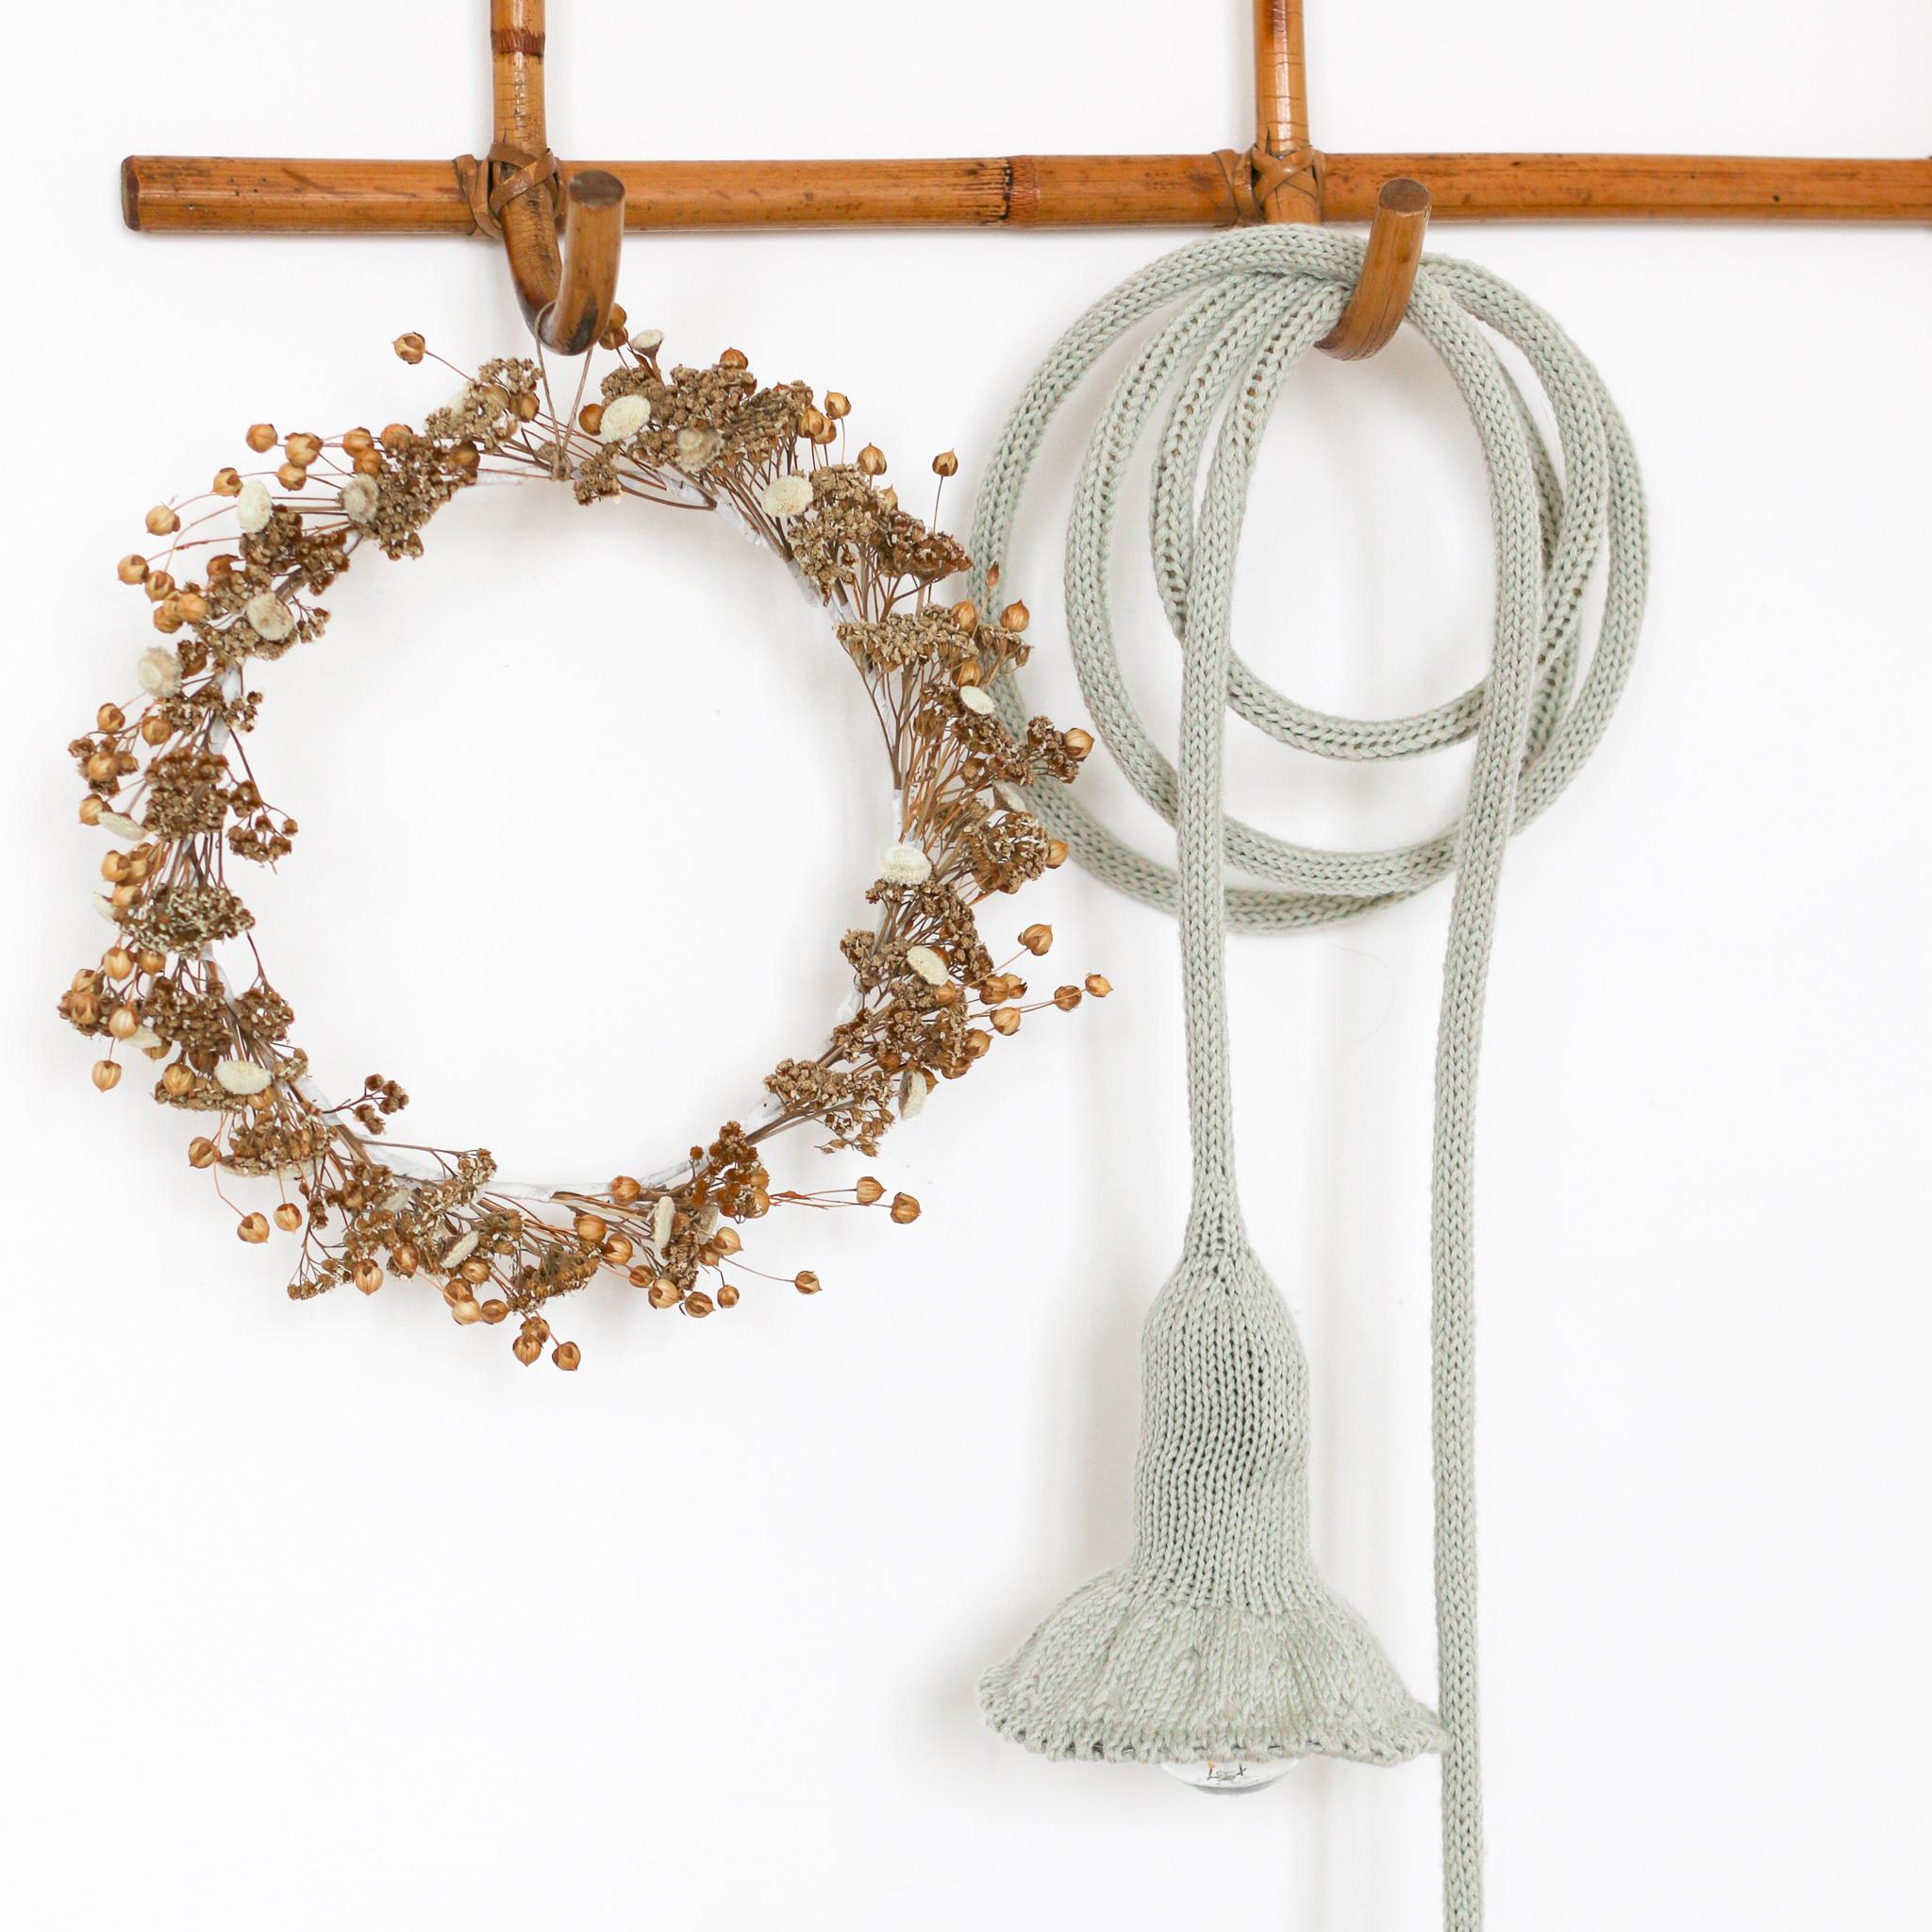 Lampe baladeuse collerette tricottée main avec une laine cacherime vert amande, création Trendy Little